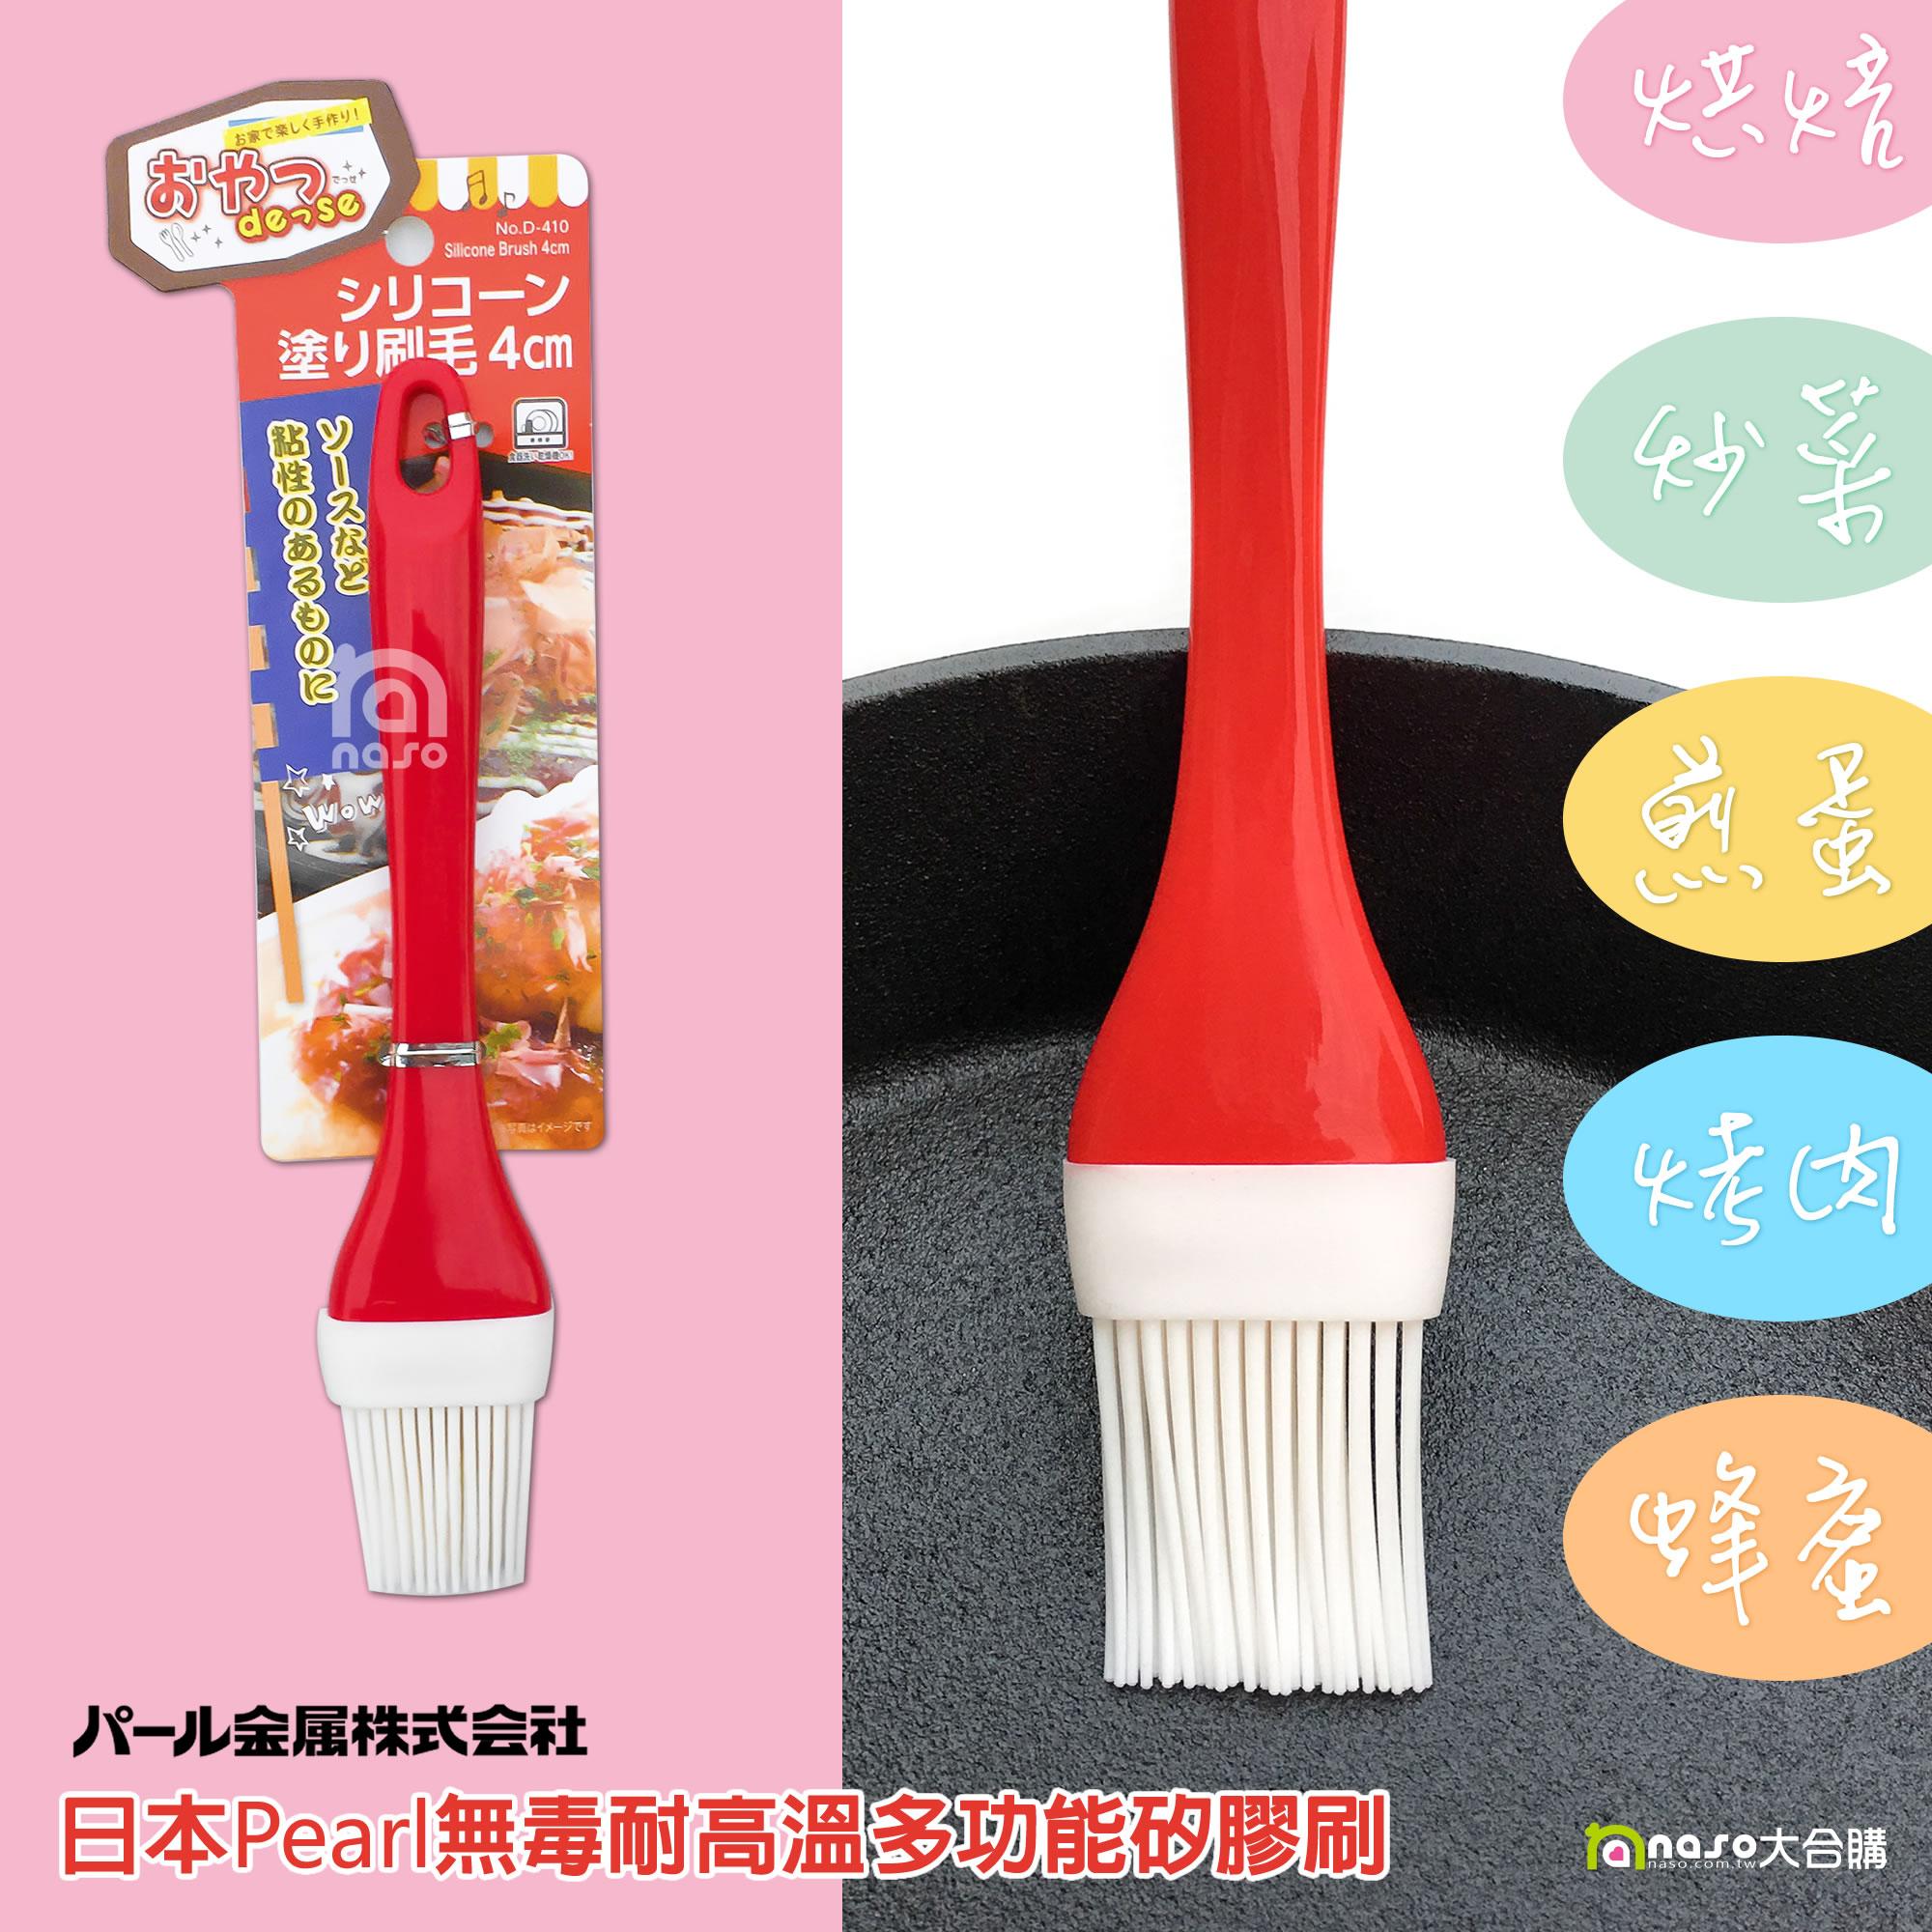 日本Pearl無毒耐高溫多功能矽膠刷(環保、無毒、健康、好清洗) 好評第5團